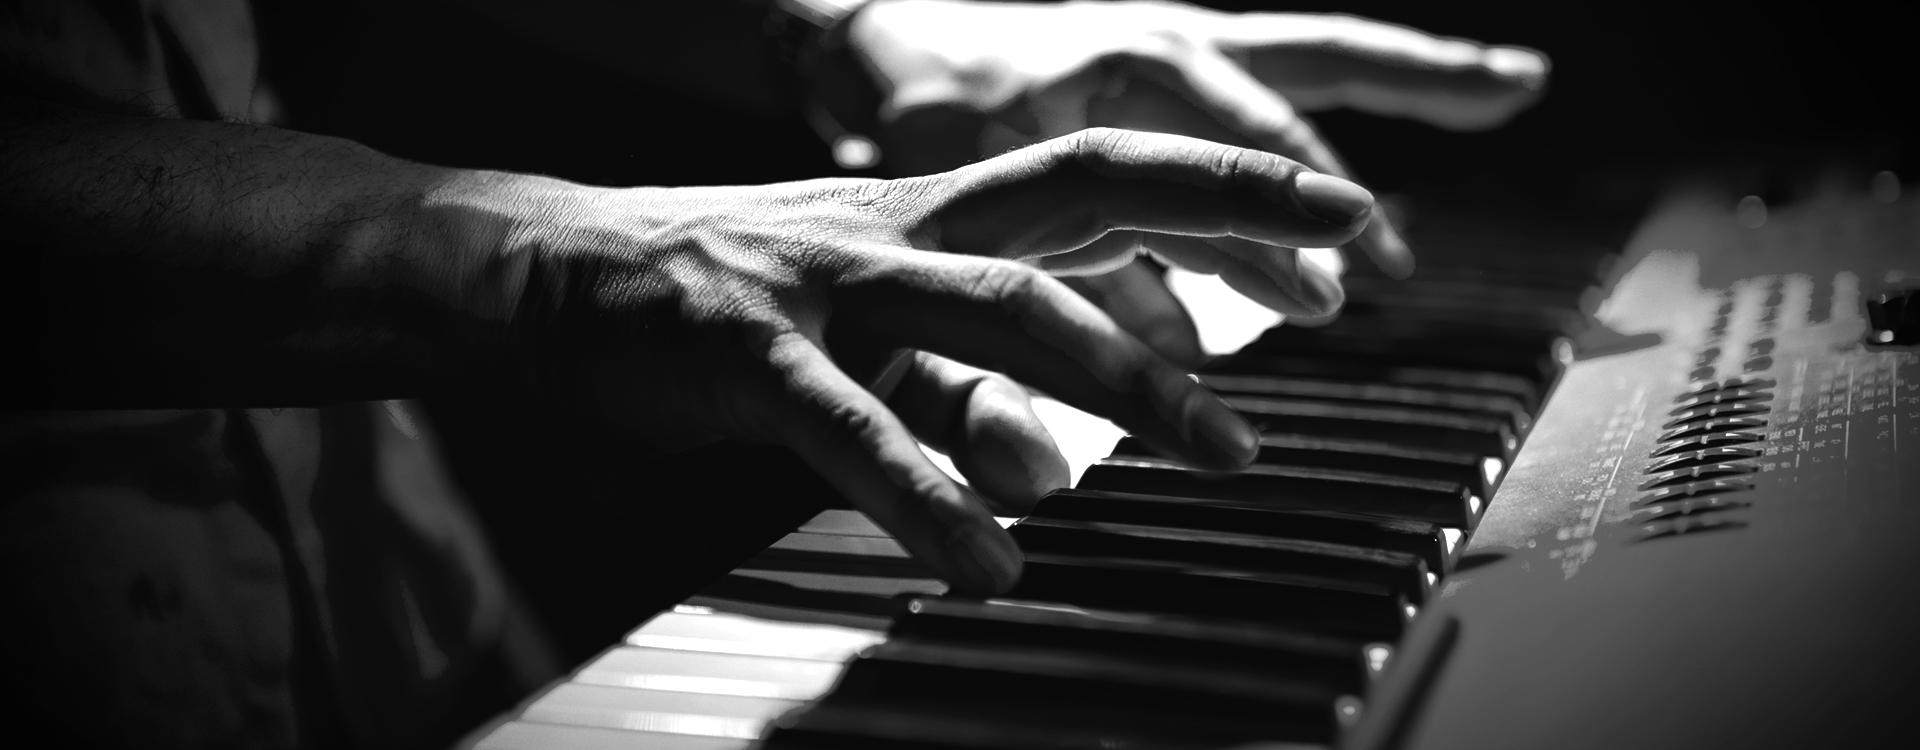 Música no teclado